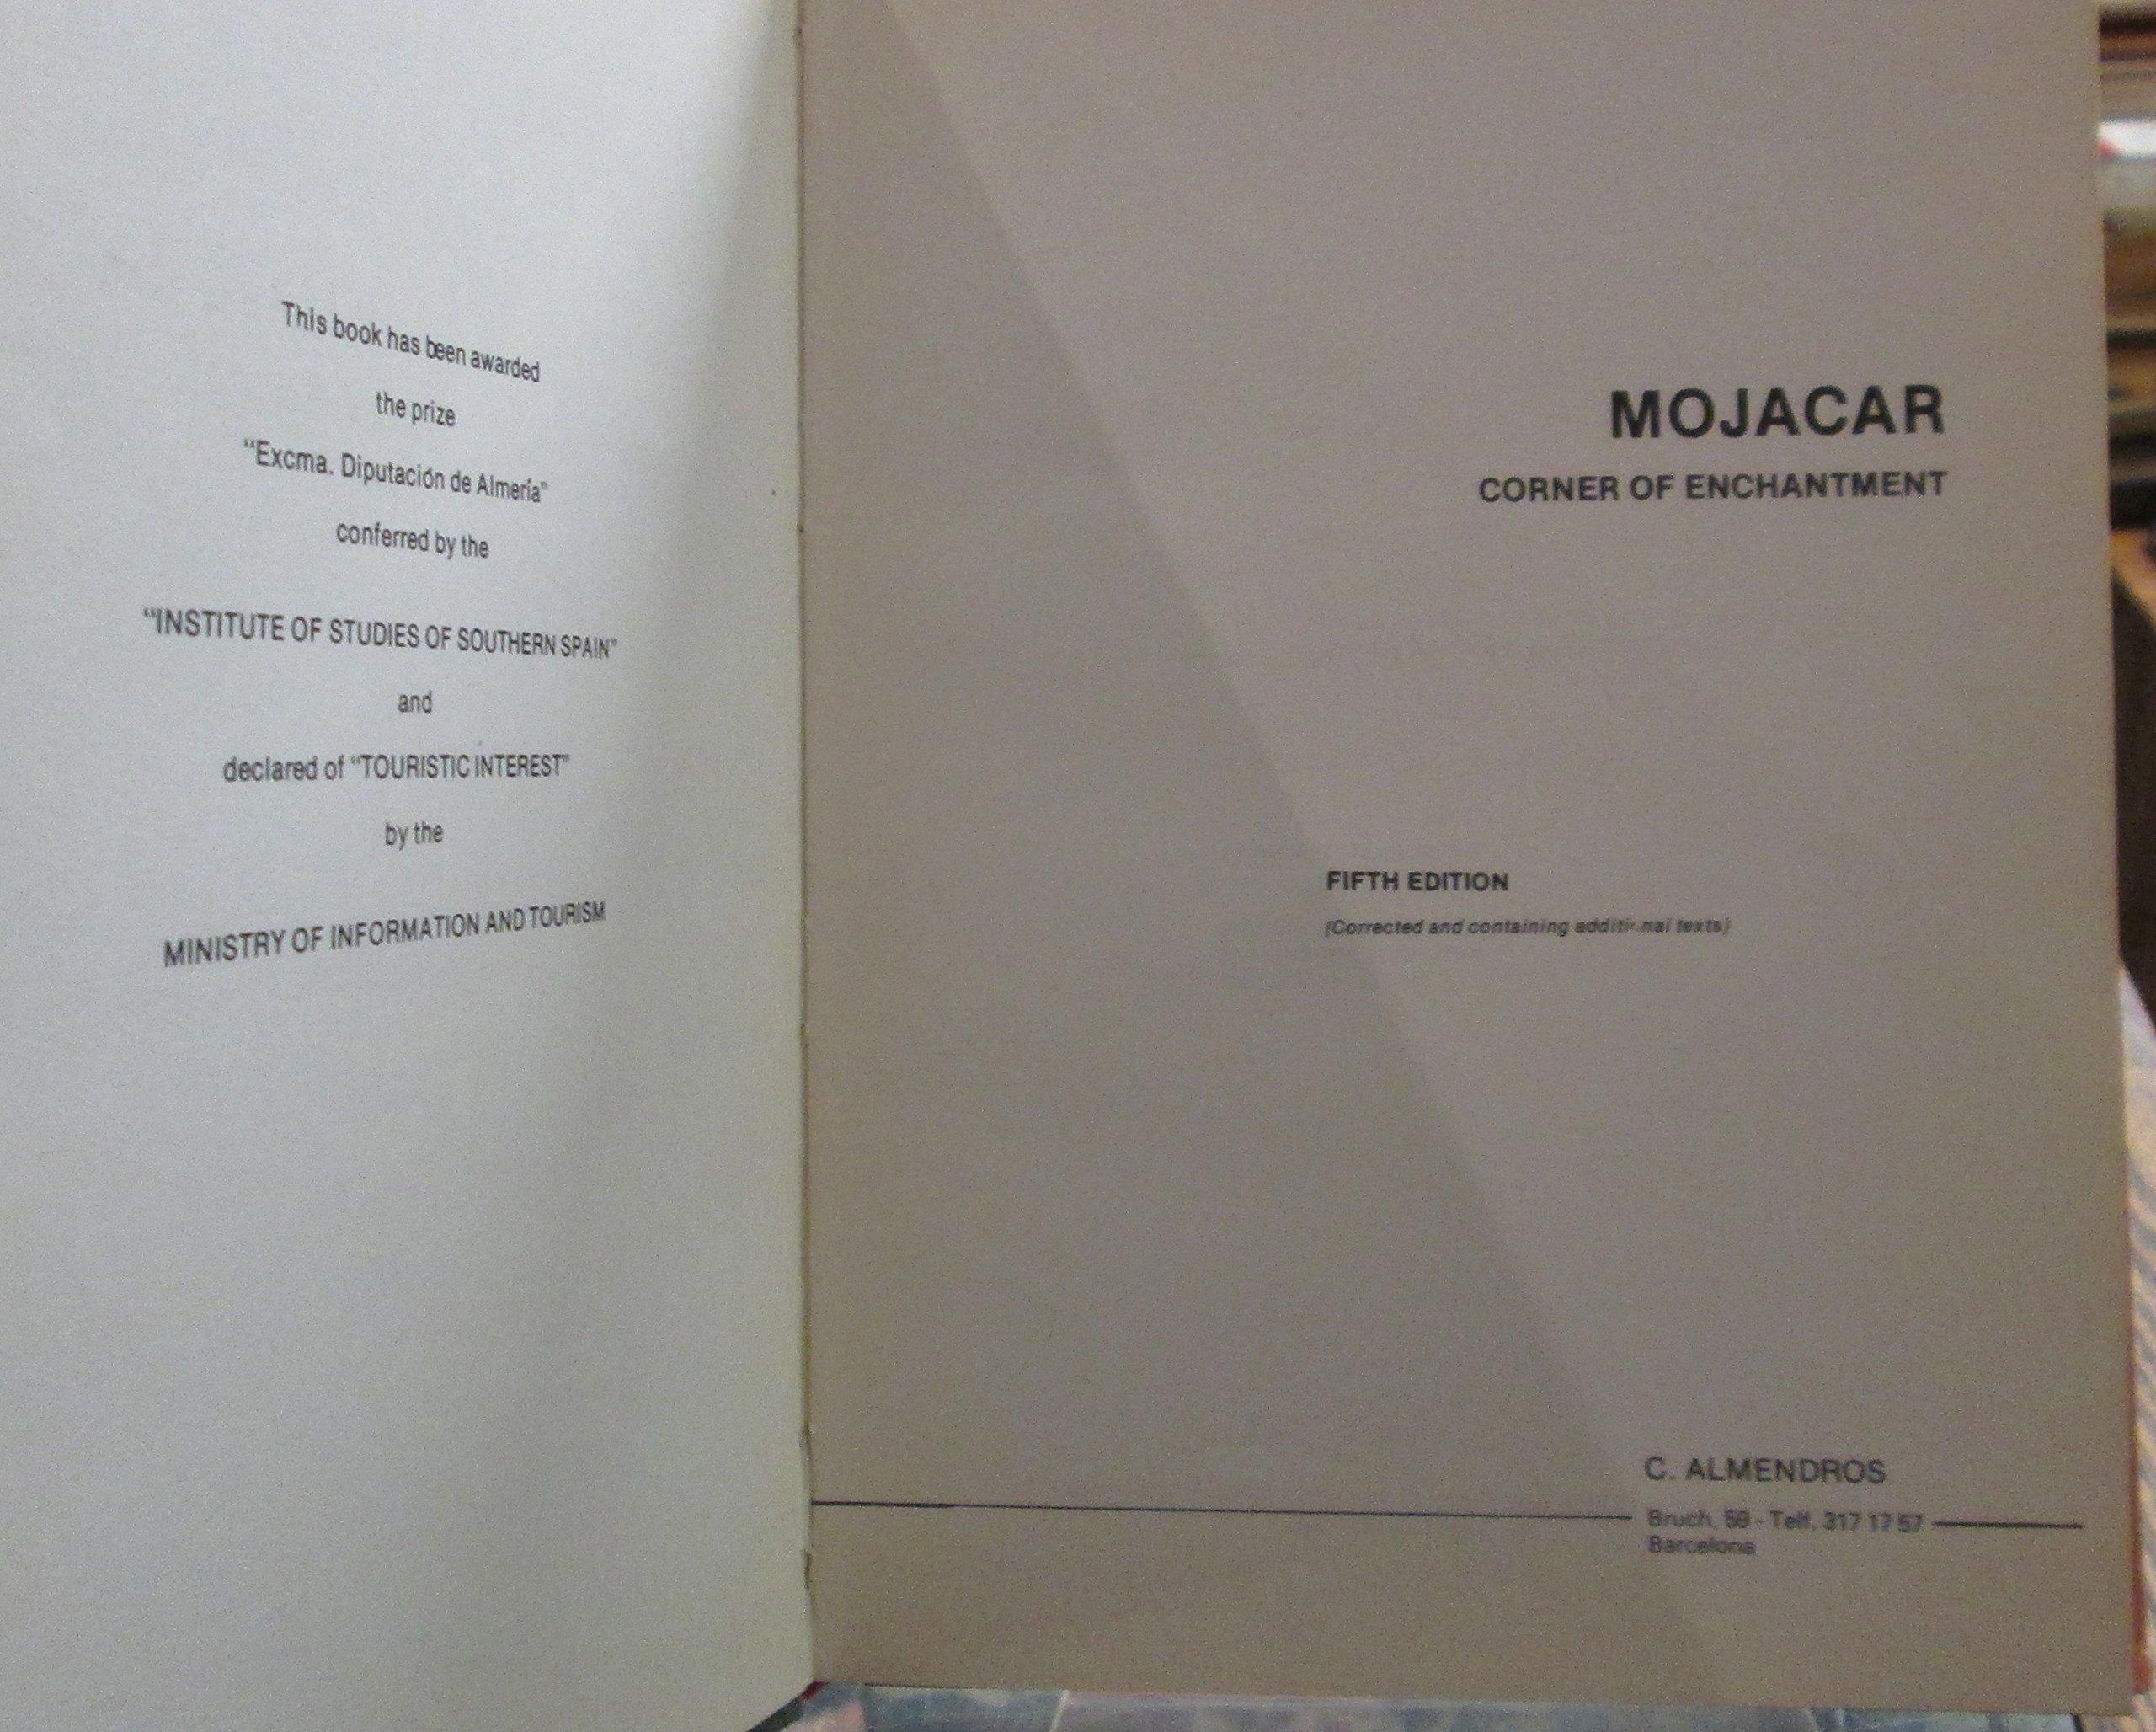 Amazon.com: Mojácar. Corner of enchantment: Carlos Almendros ...